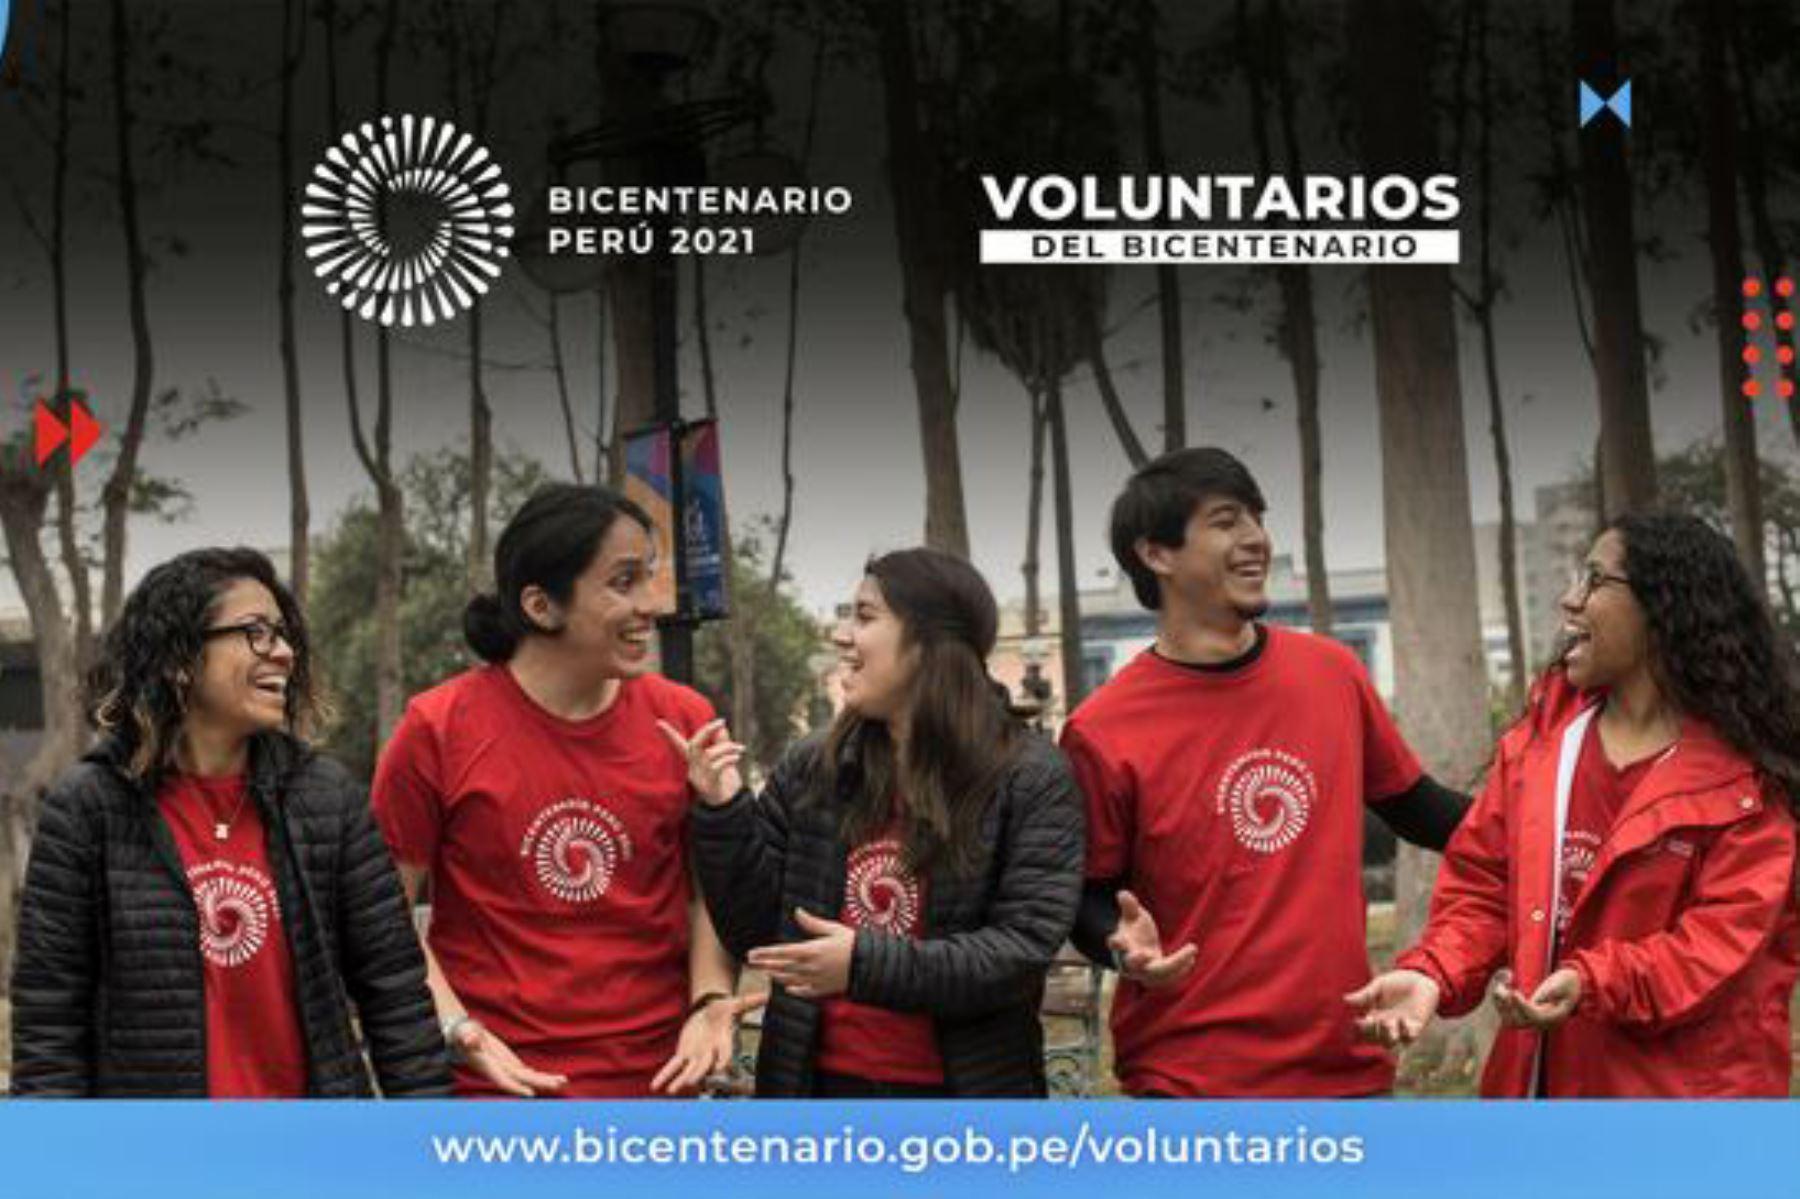 La Comunidad Virtual de Aprendizaje será presentada el miércoles 31 de marzo por el ministro de Cultura, Alejandro Neyra. Foto: ANDINA/Difusión